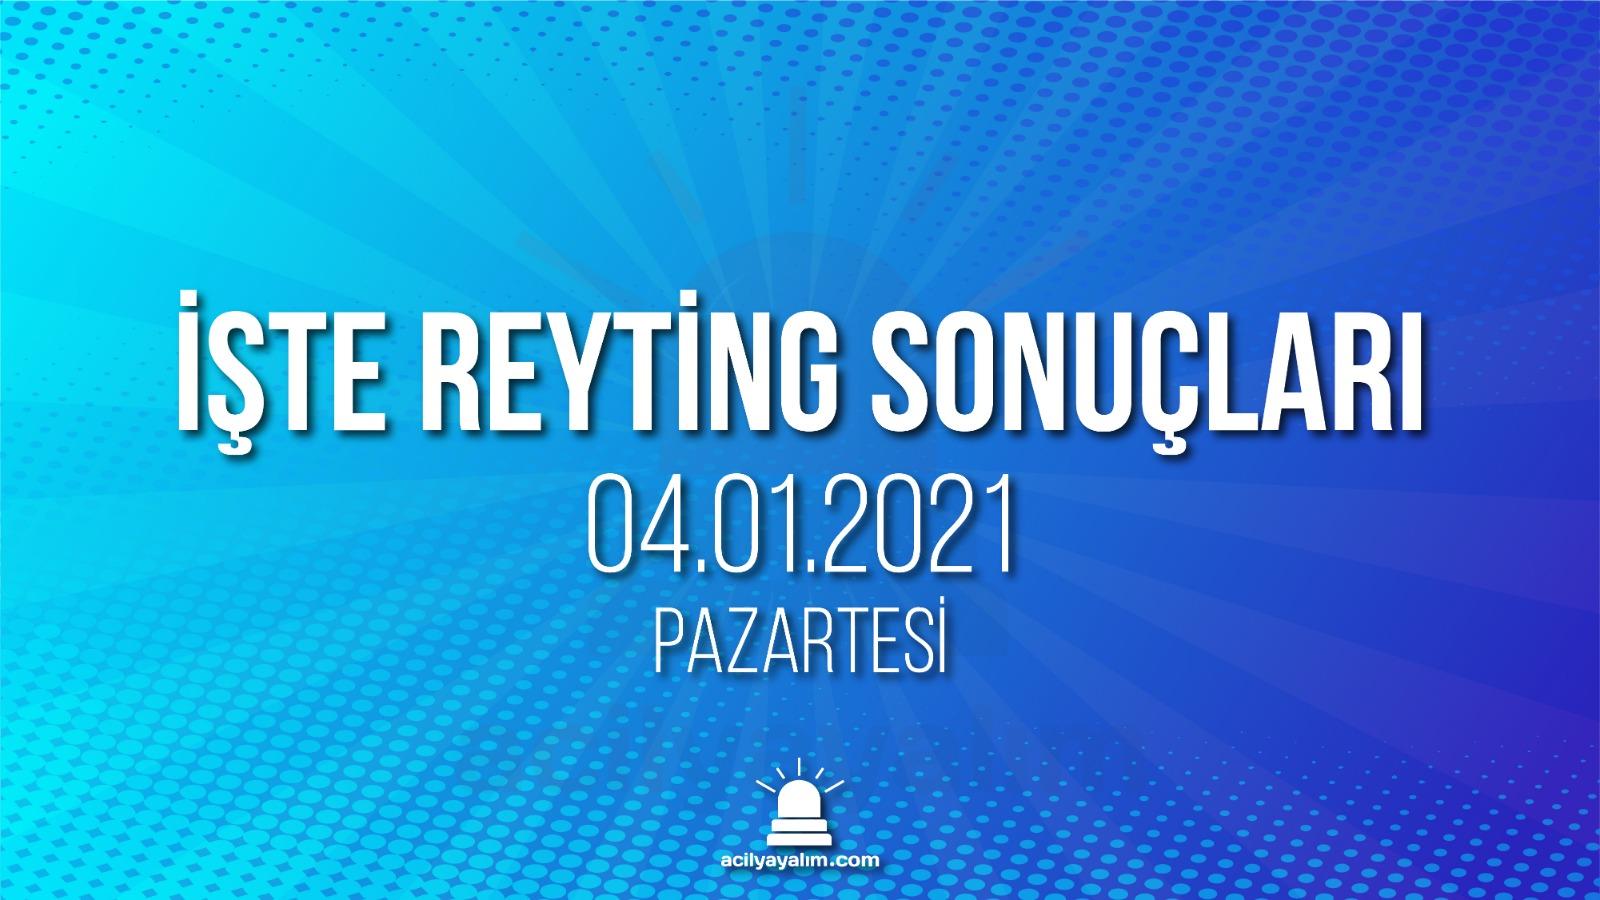 4 Ocak 2021 Pazartesi reyting sonuçları